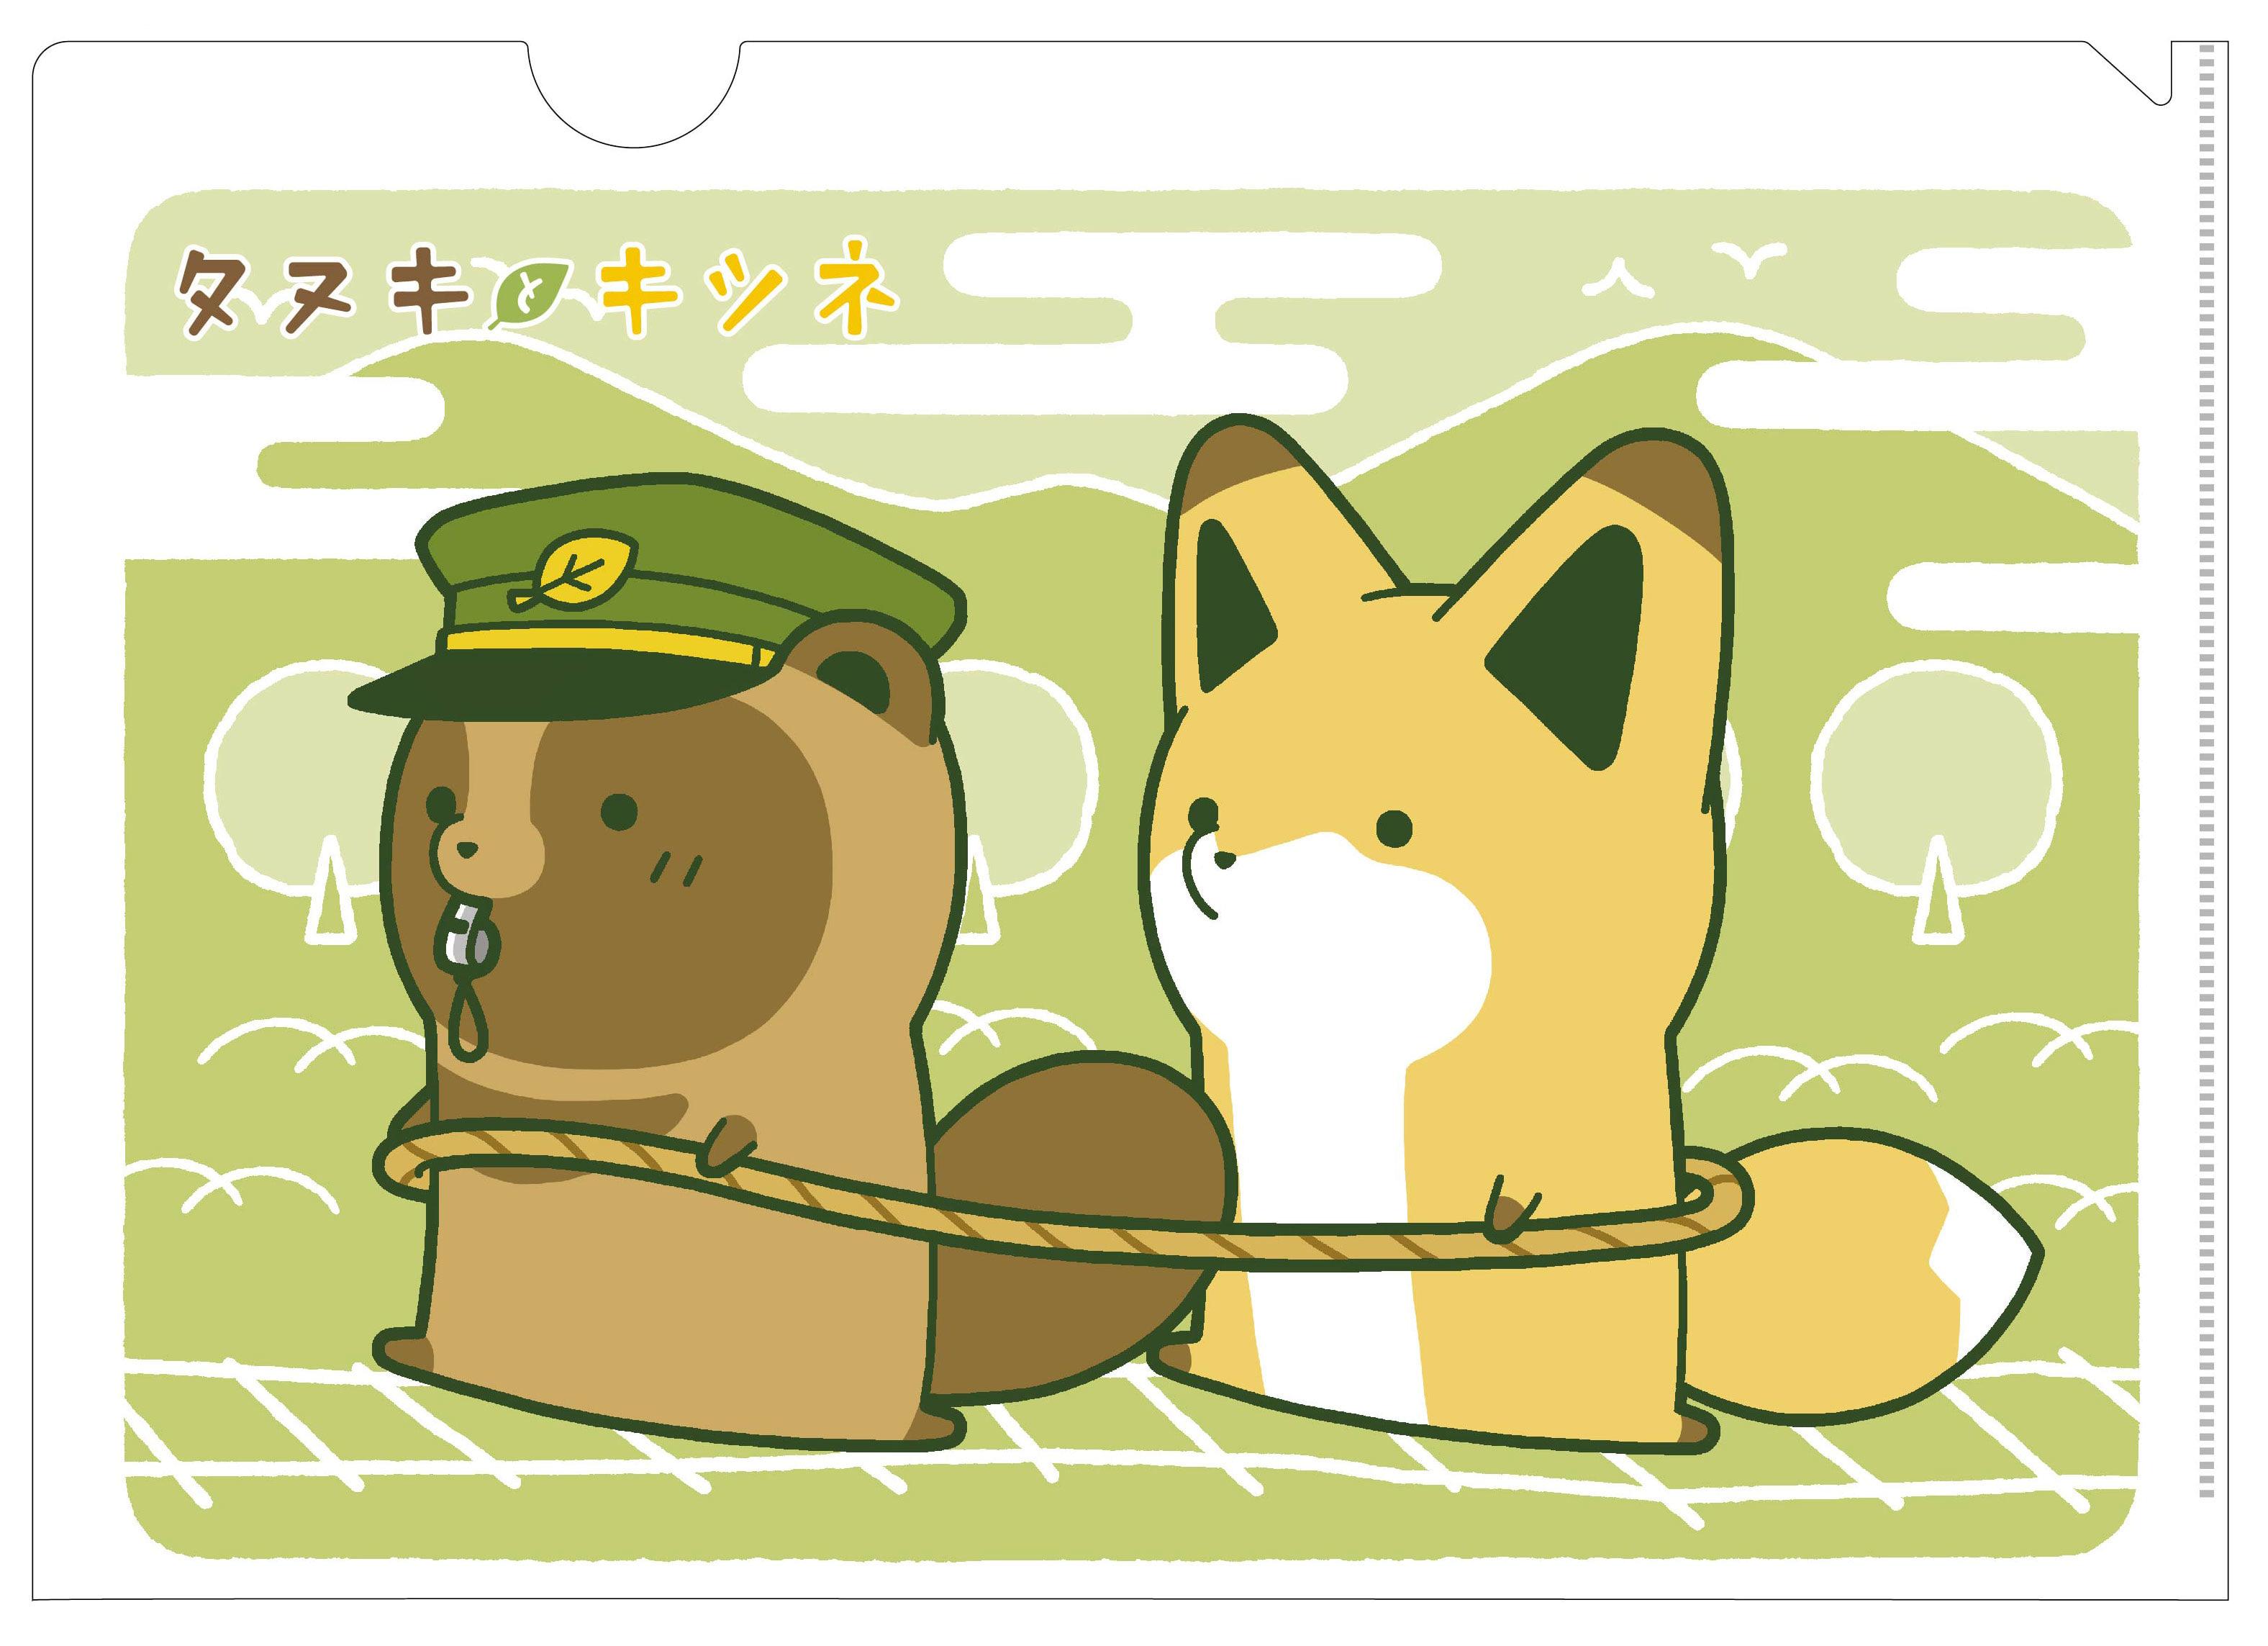 描き下ろしイラストを使用した限定グッズを販売! 『タヌキとキツネ』東京駅一番街にてPOP UP STORE開催決定!